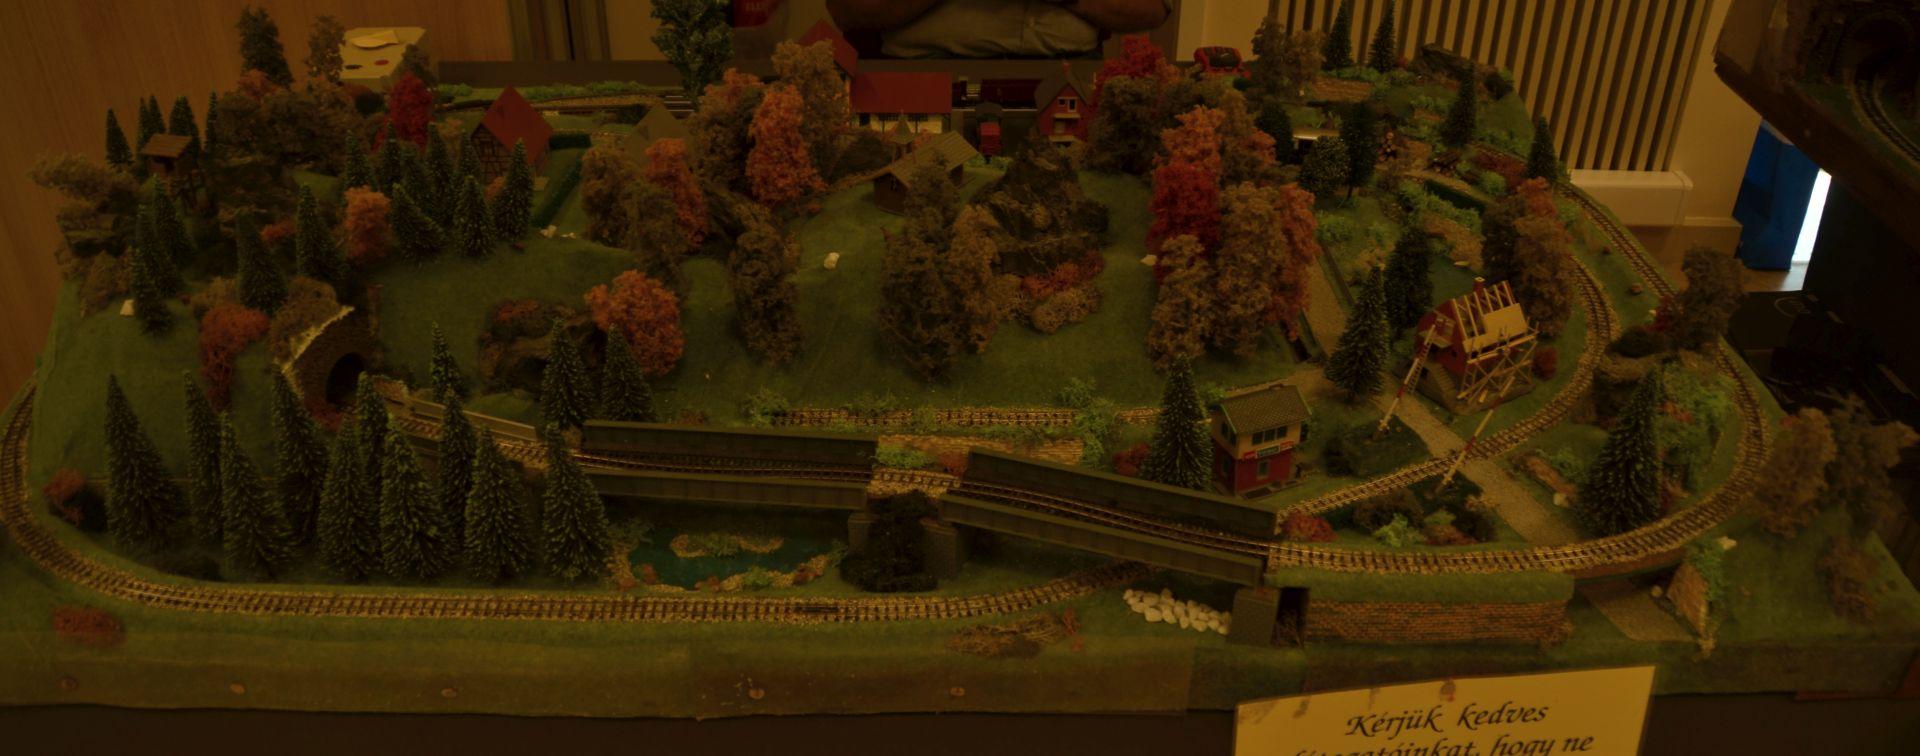 H0e, Kecskemét, TGV 2000, kiállítás